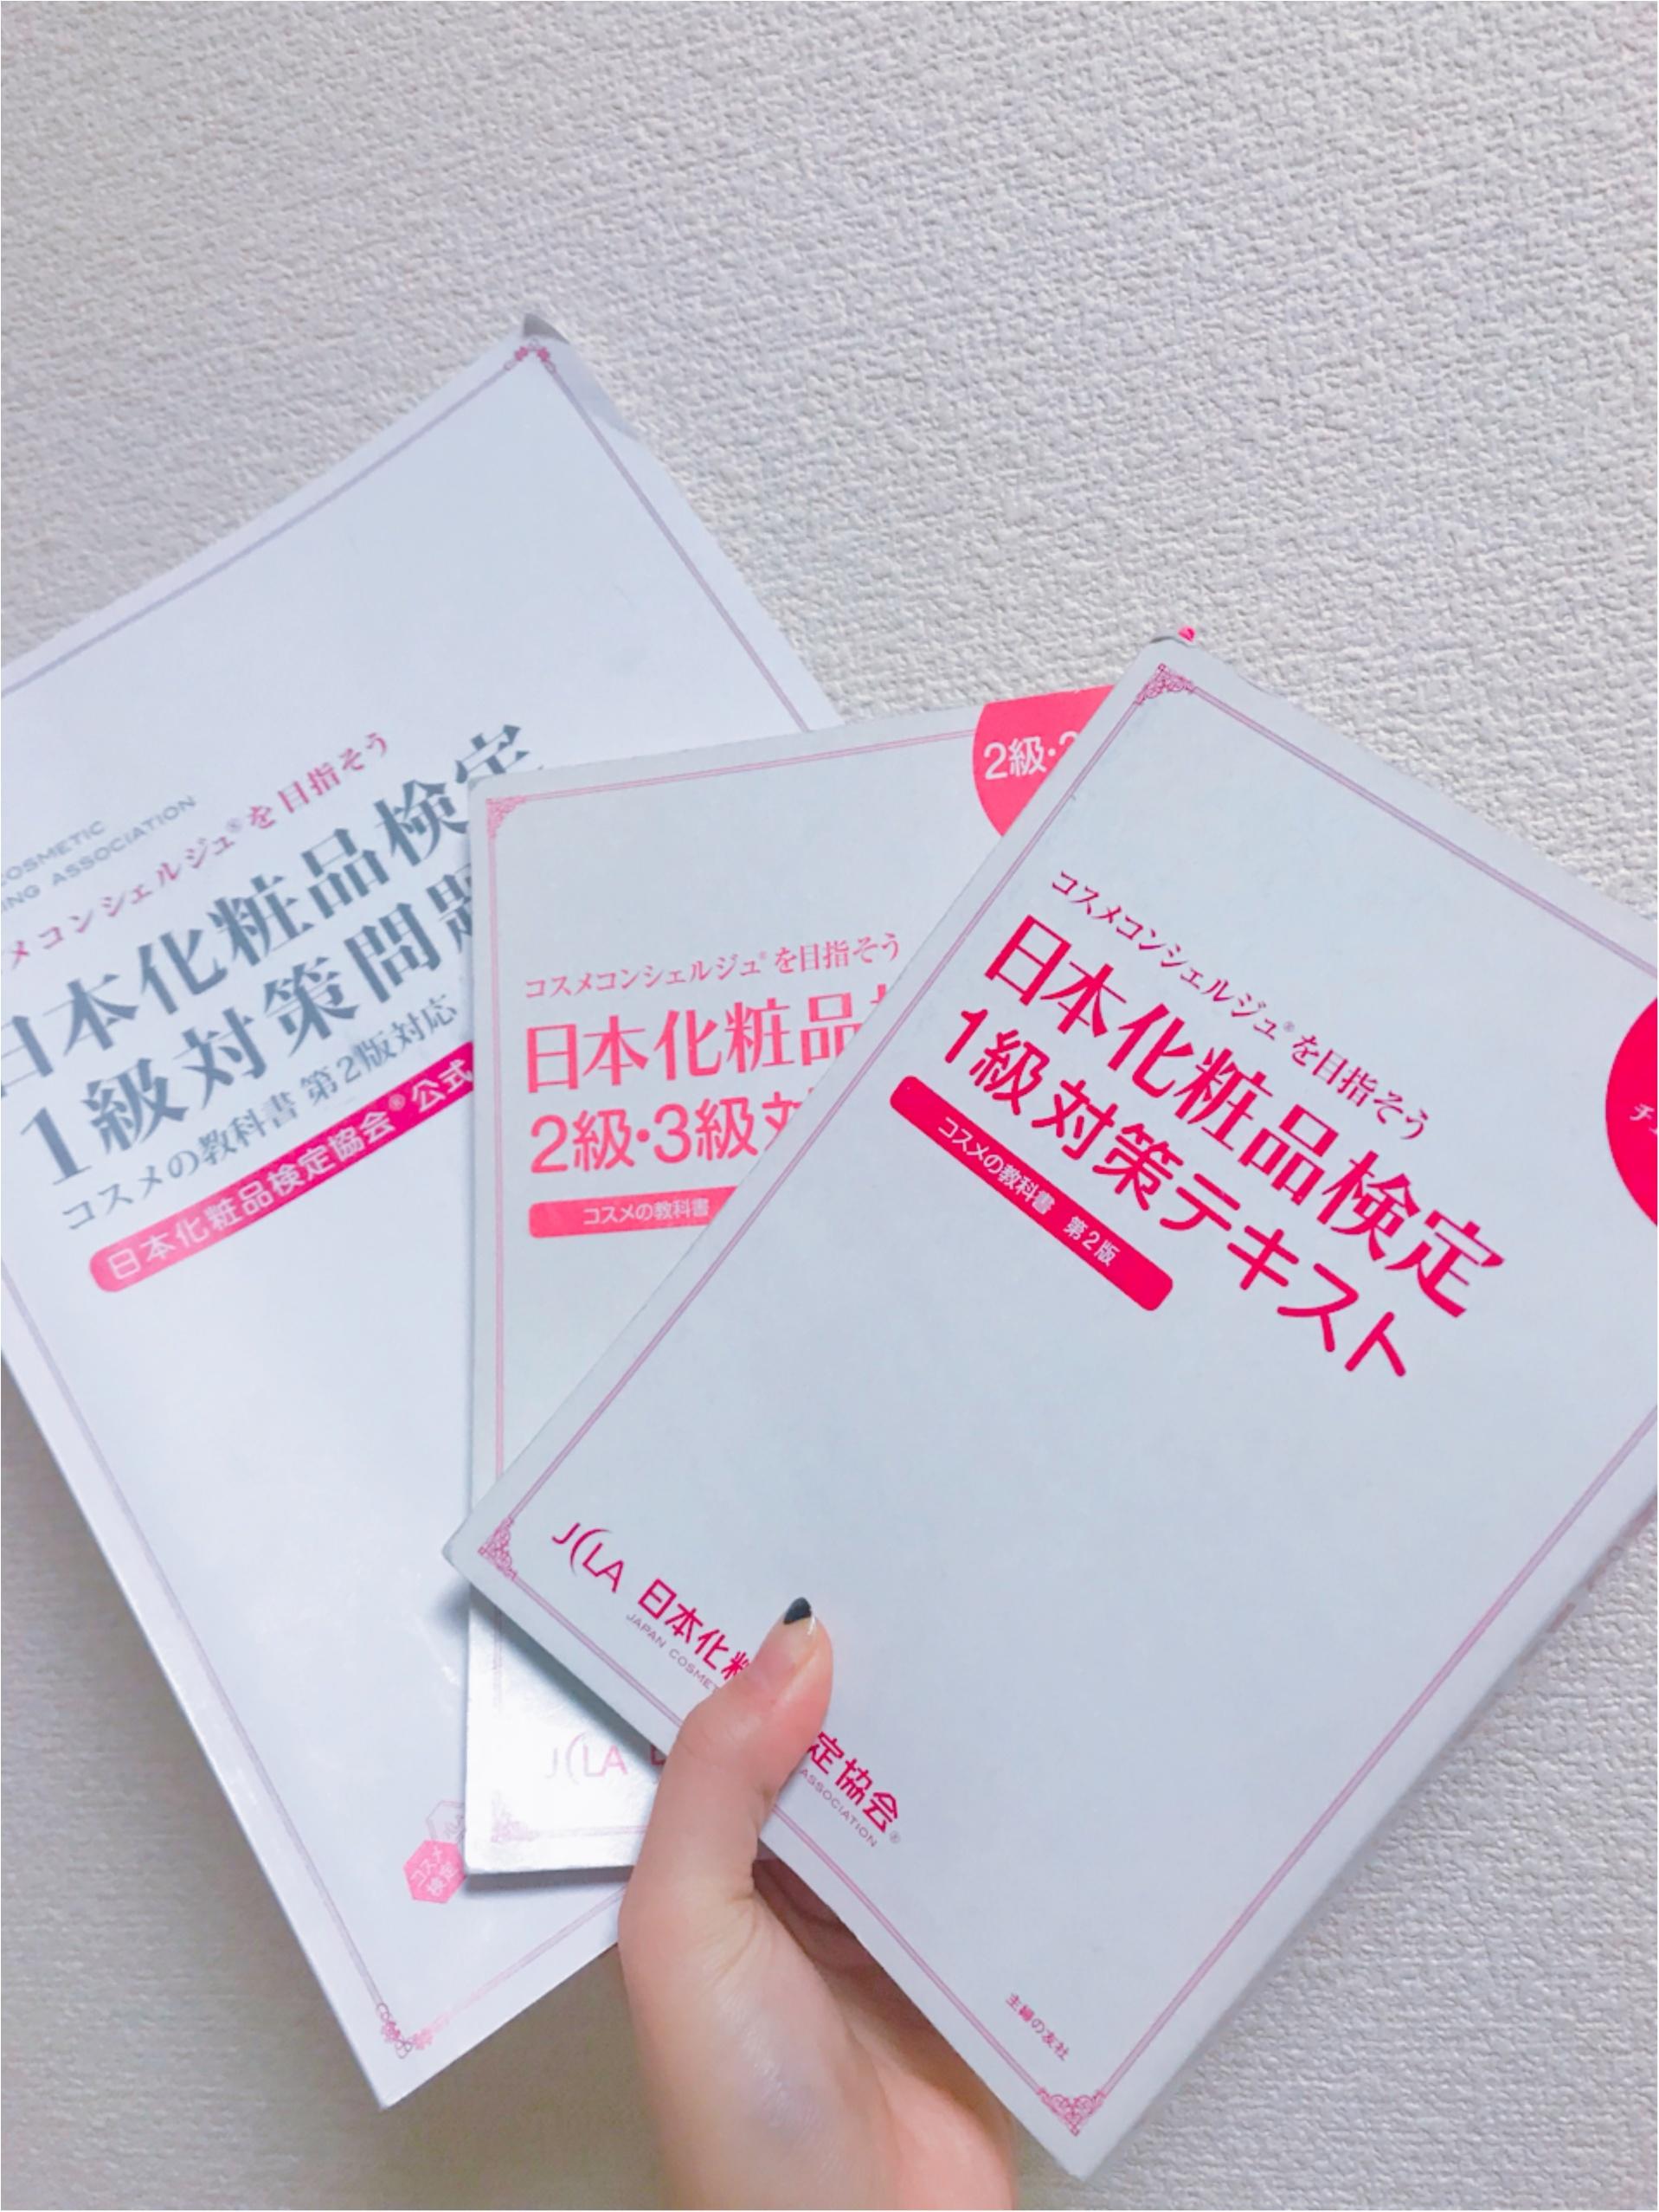 【コスメコンシェルジュ】美容知識を身につける✰日本化粧品検定1級合格しました!!_2